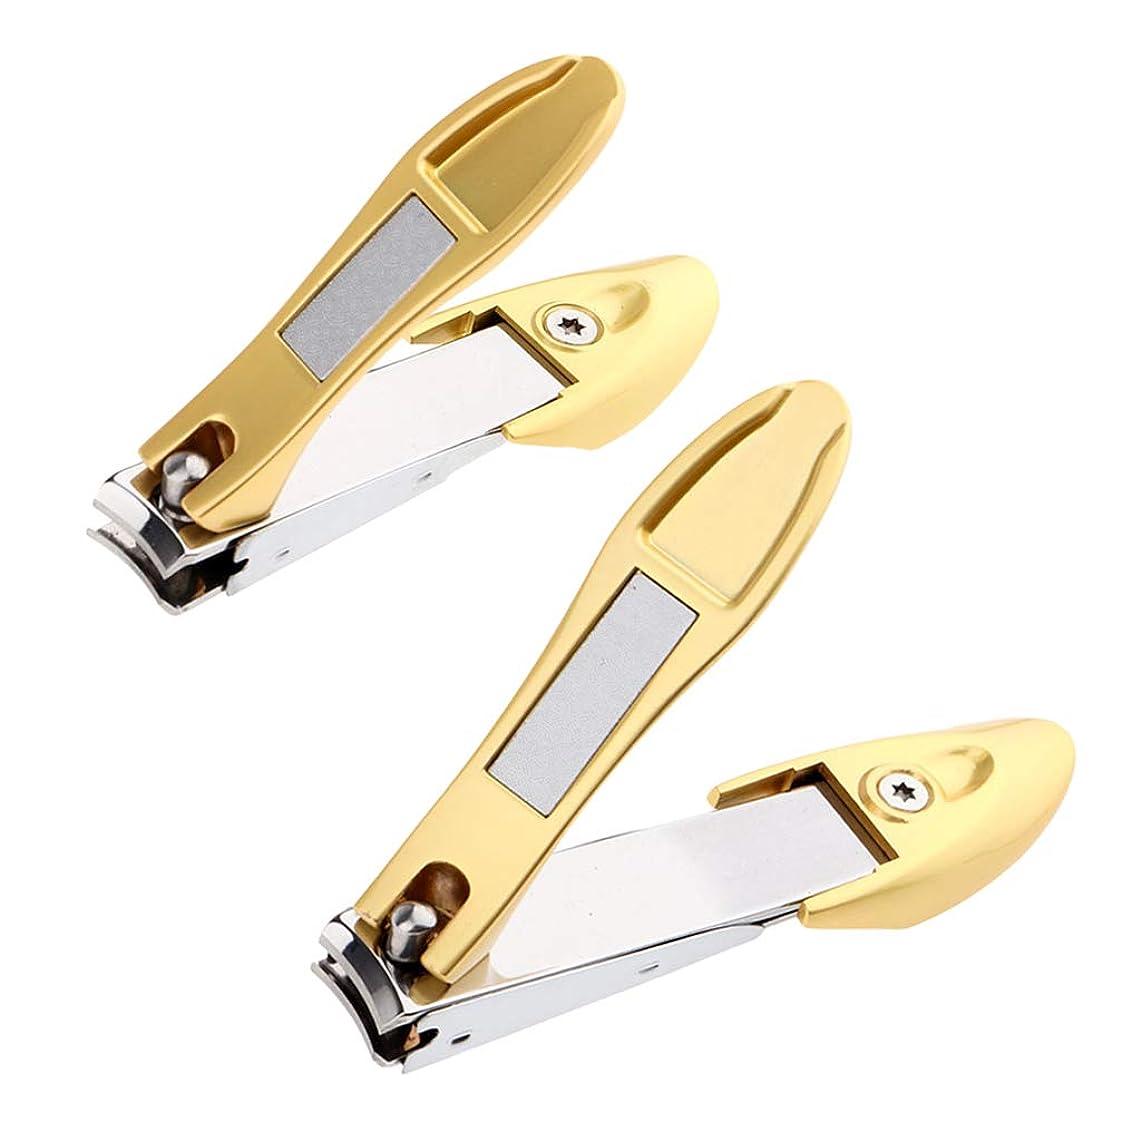 フィードオンモザイク専らCUTICATE 爪切り つめきり ステンレス製 厚い爪/巻き爪 に最適切れ 飛び散り防止 携帯便利 2個入り